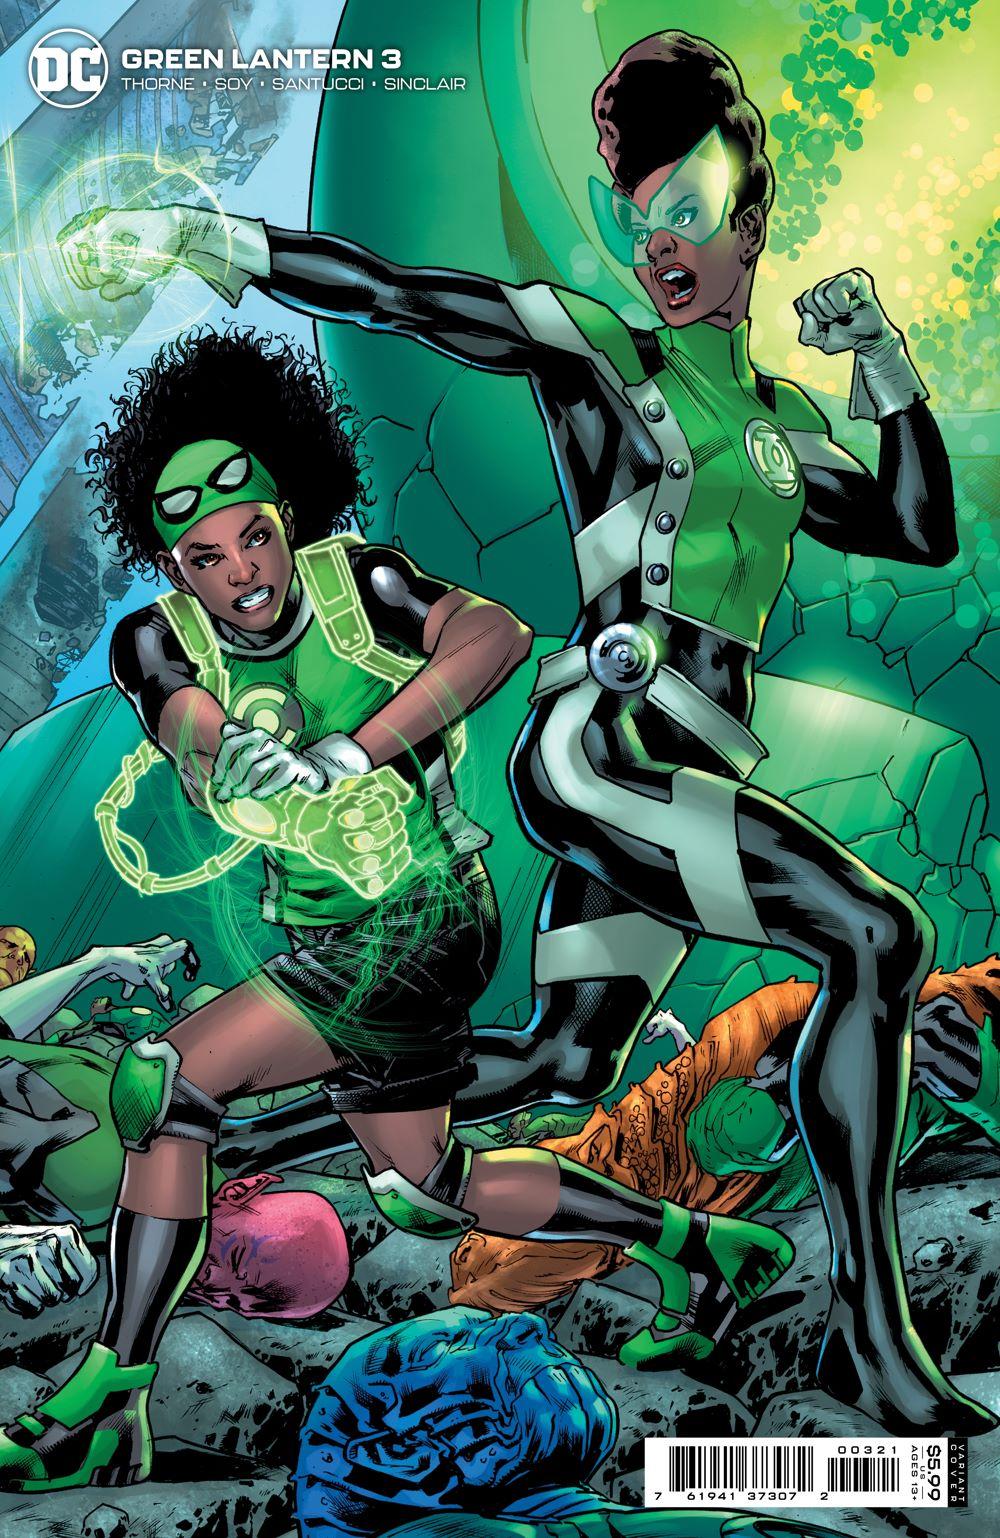 GL_Cv3_var DC Comics June 2021 Solicitations